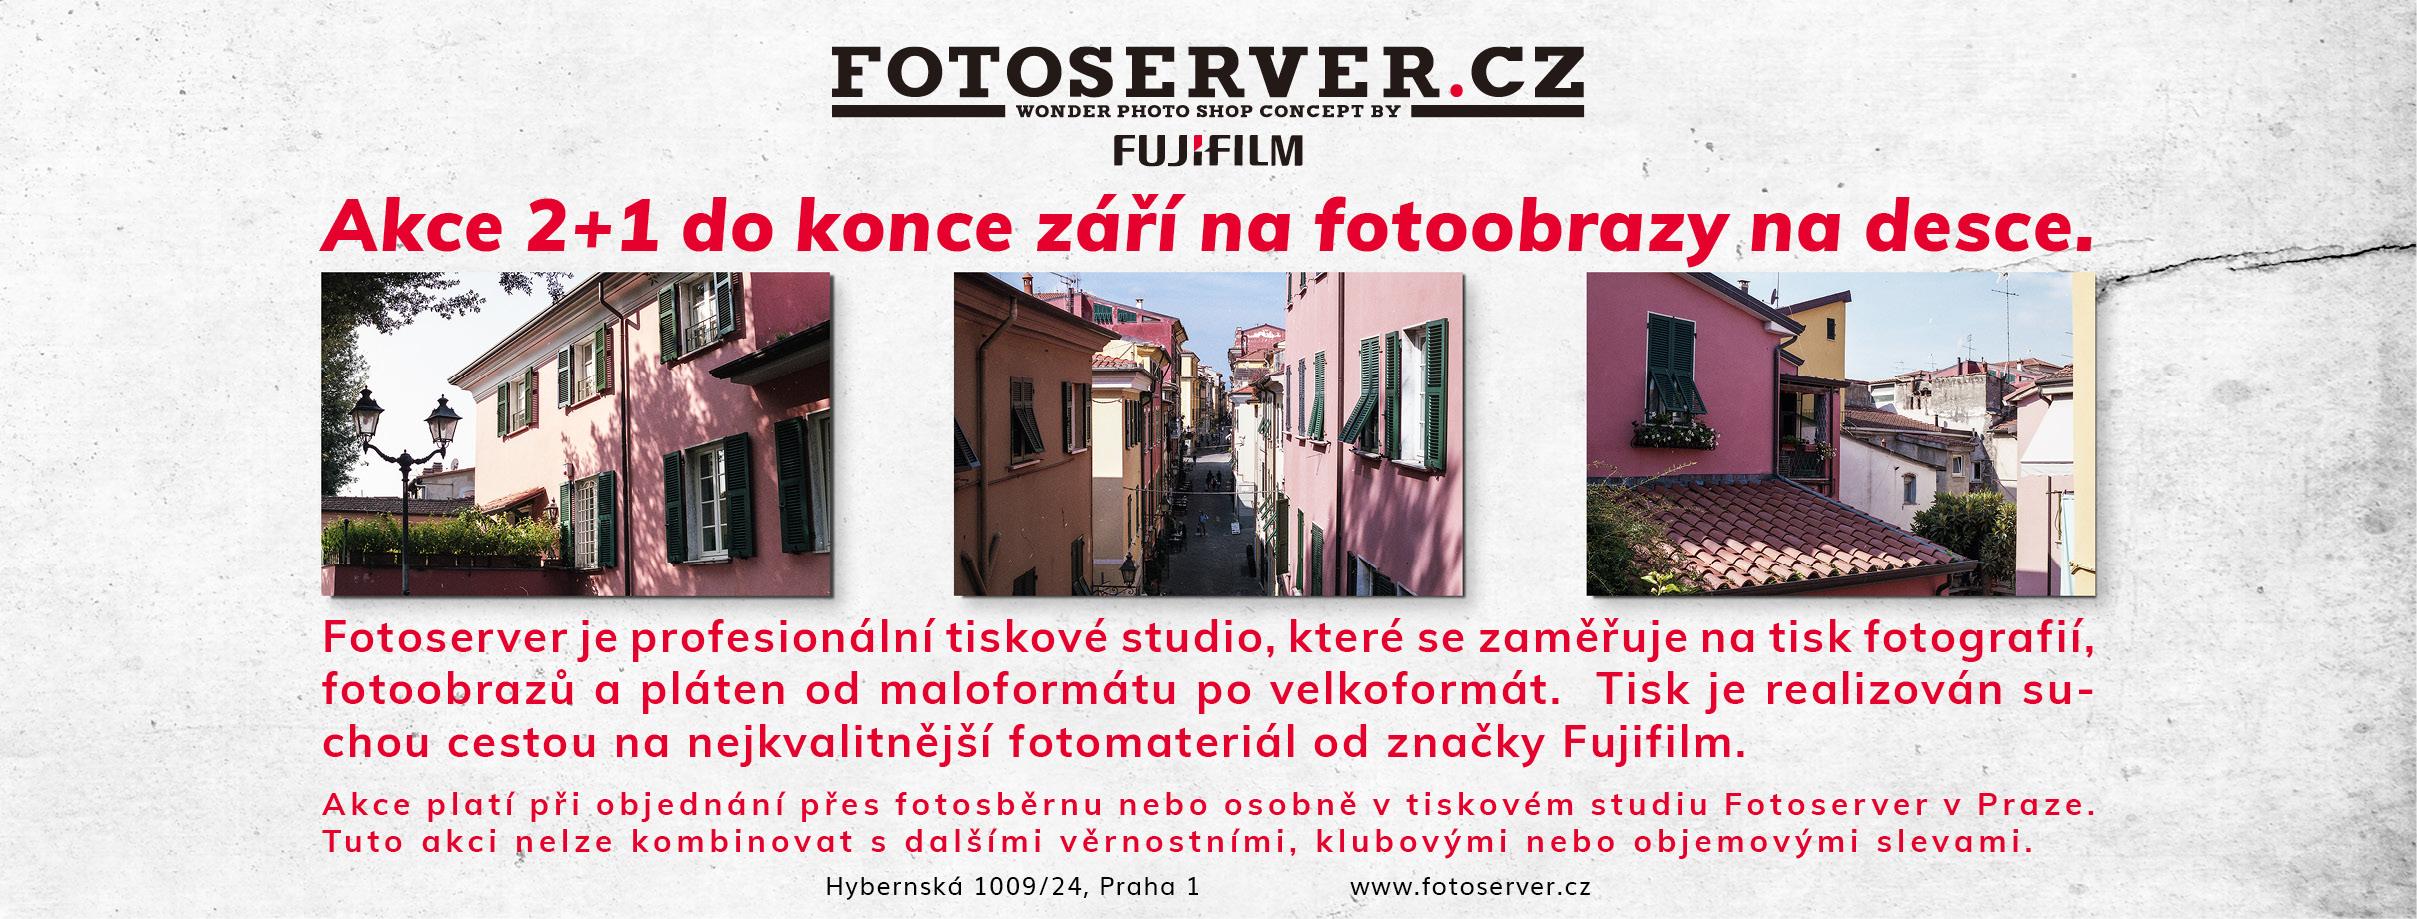 FOTOSERVER 2+1